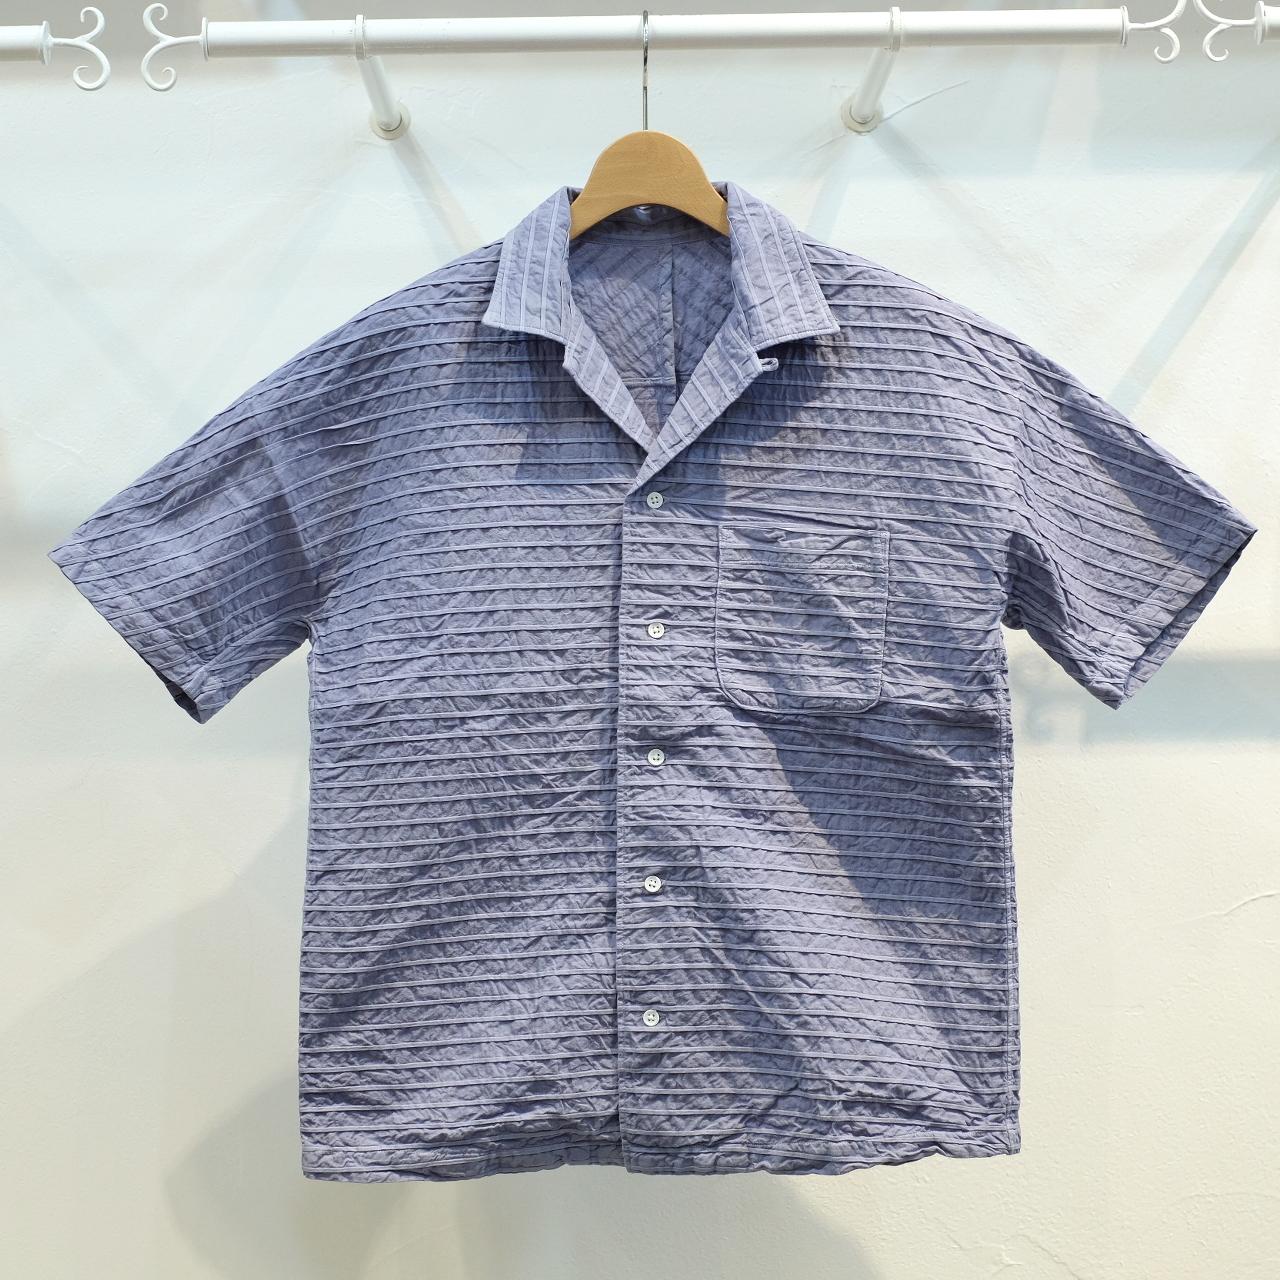 KUON(クオン) 織ピンタック 新万葉染半袖シャツ パープル